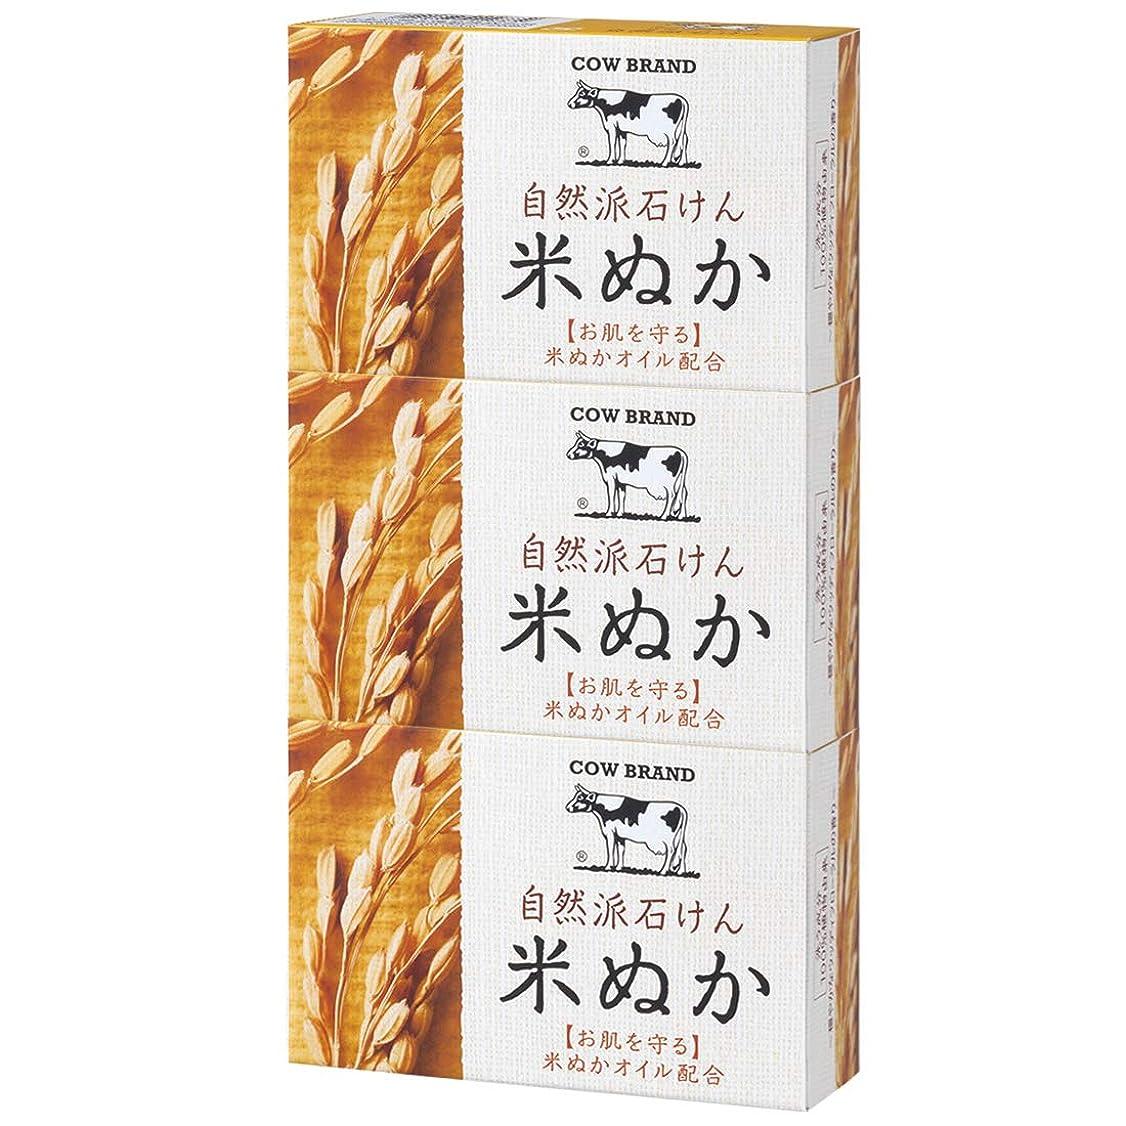 原子法的文献カウブランド 自然派石けん 米ぬか 100g*3個